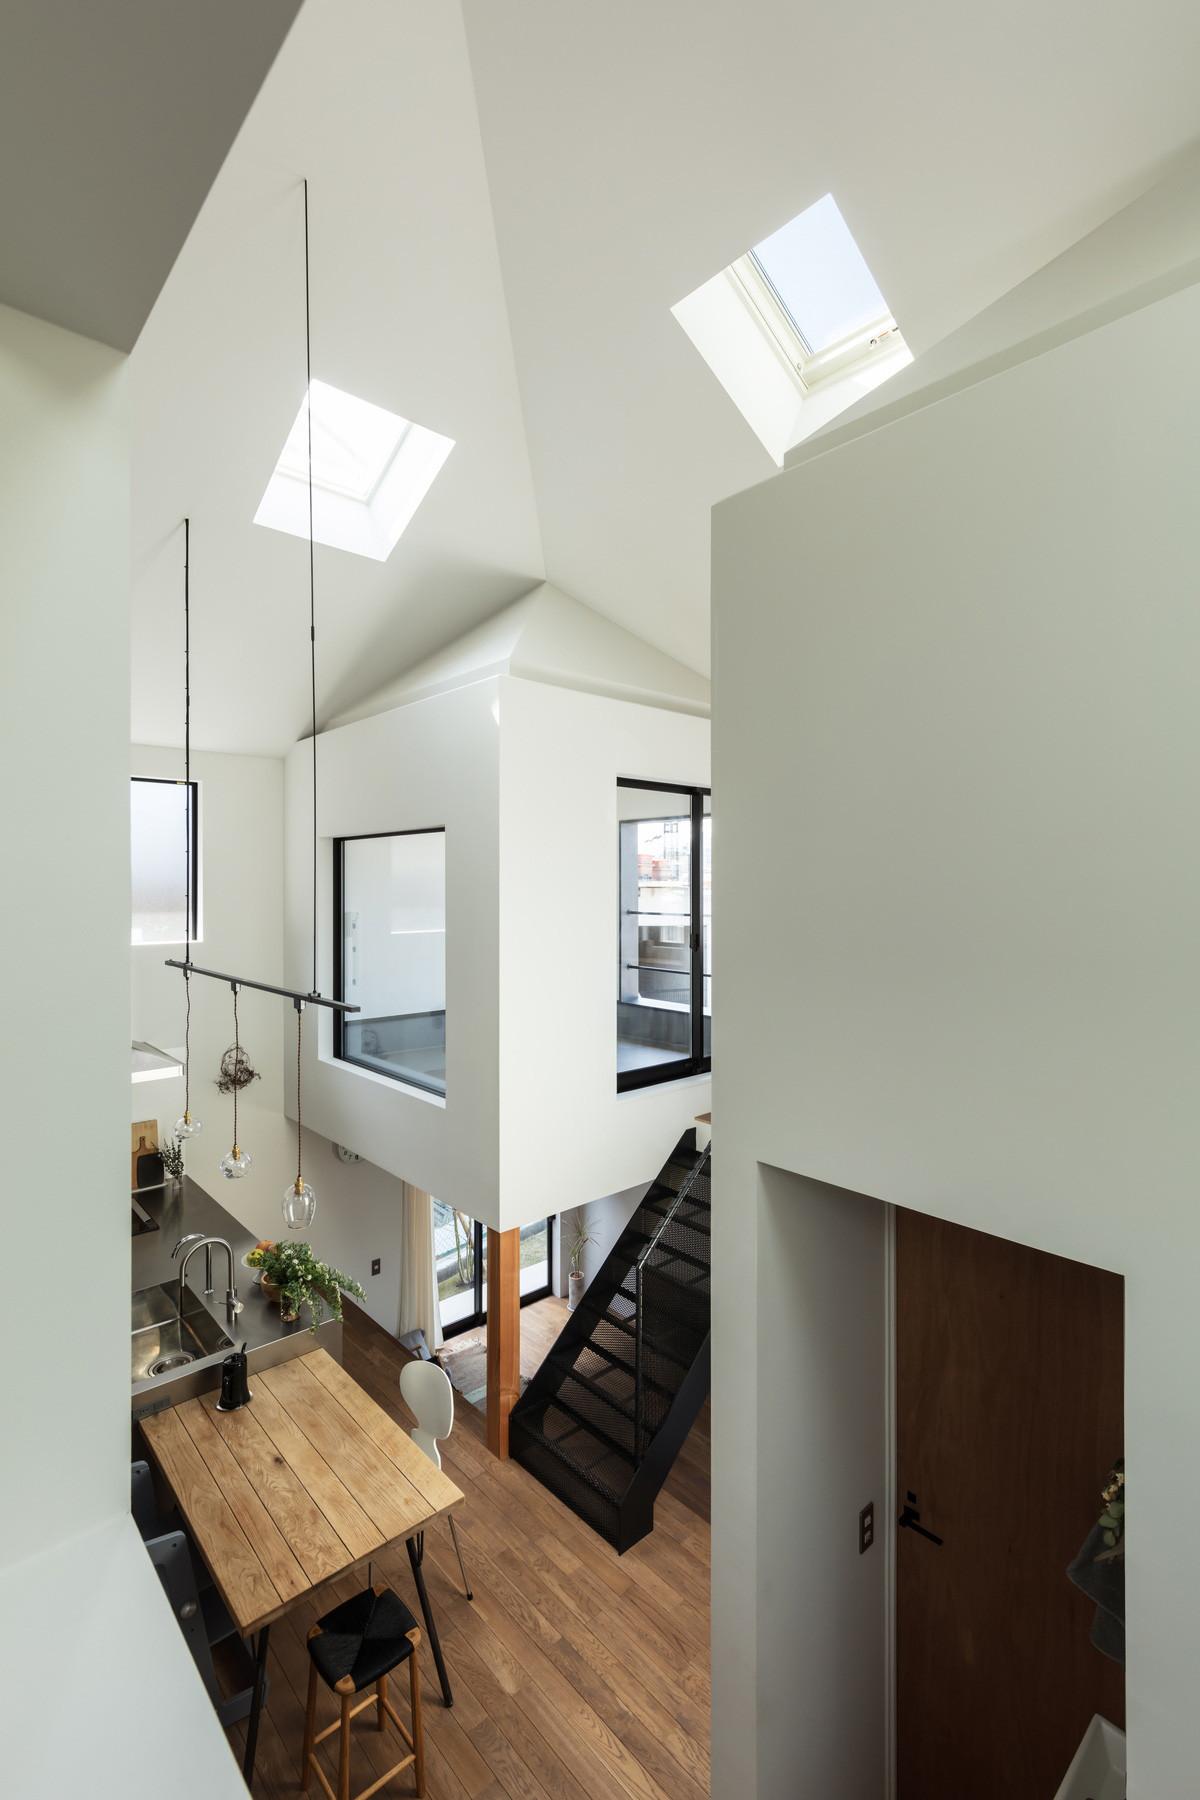 窓を介していろいろな場所がつながる。 | 四つ角の家|4つの小さな家と路地で暮らす住宅